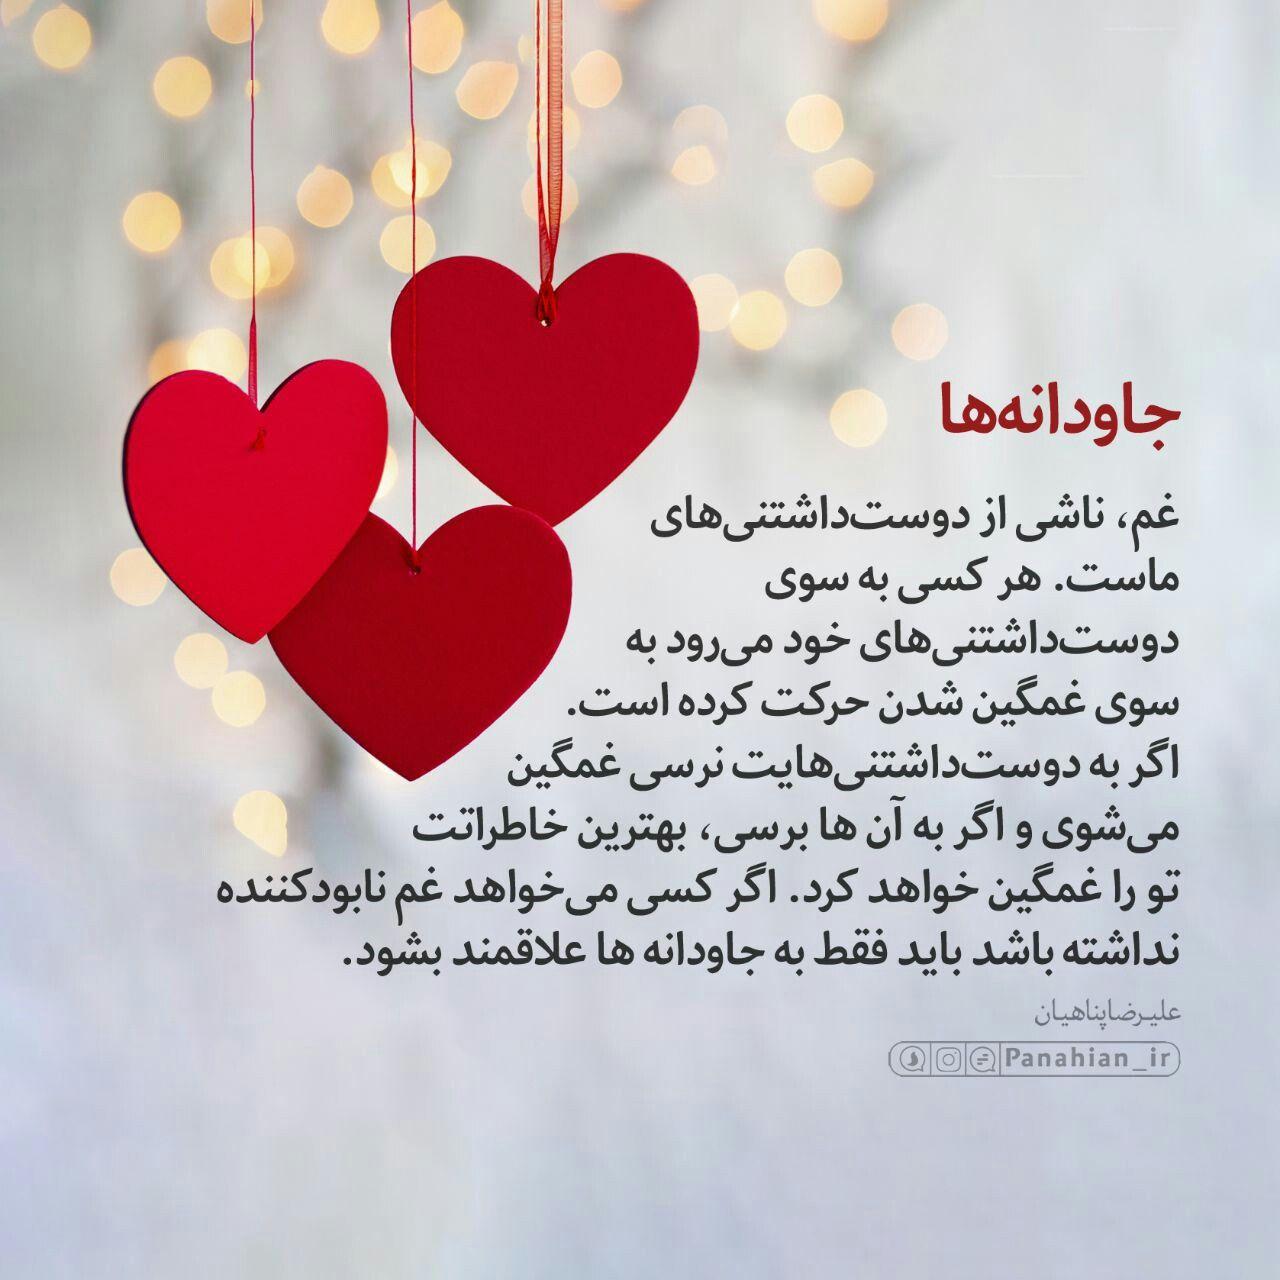 استاد پناهیان جاودانه ها Cool Words Farsi Quotes Words